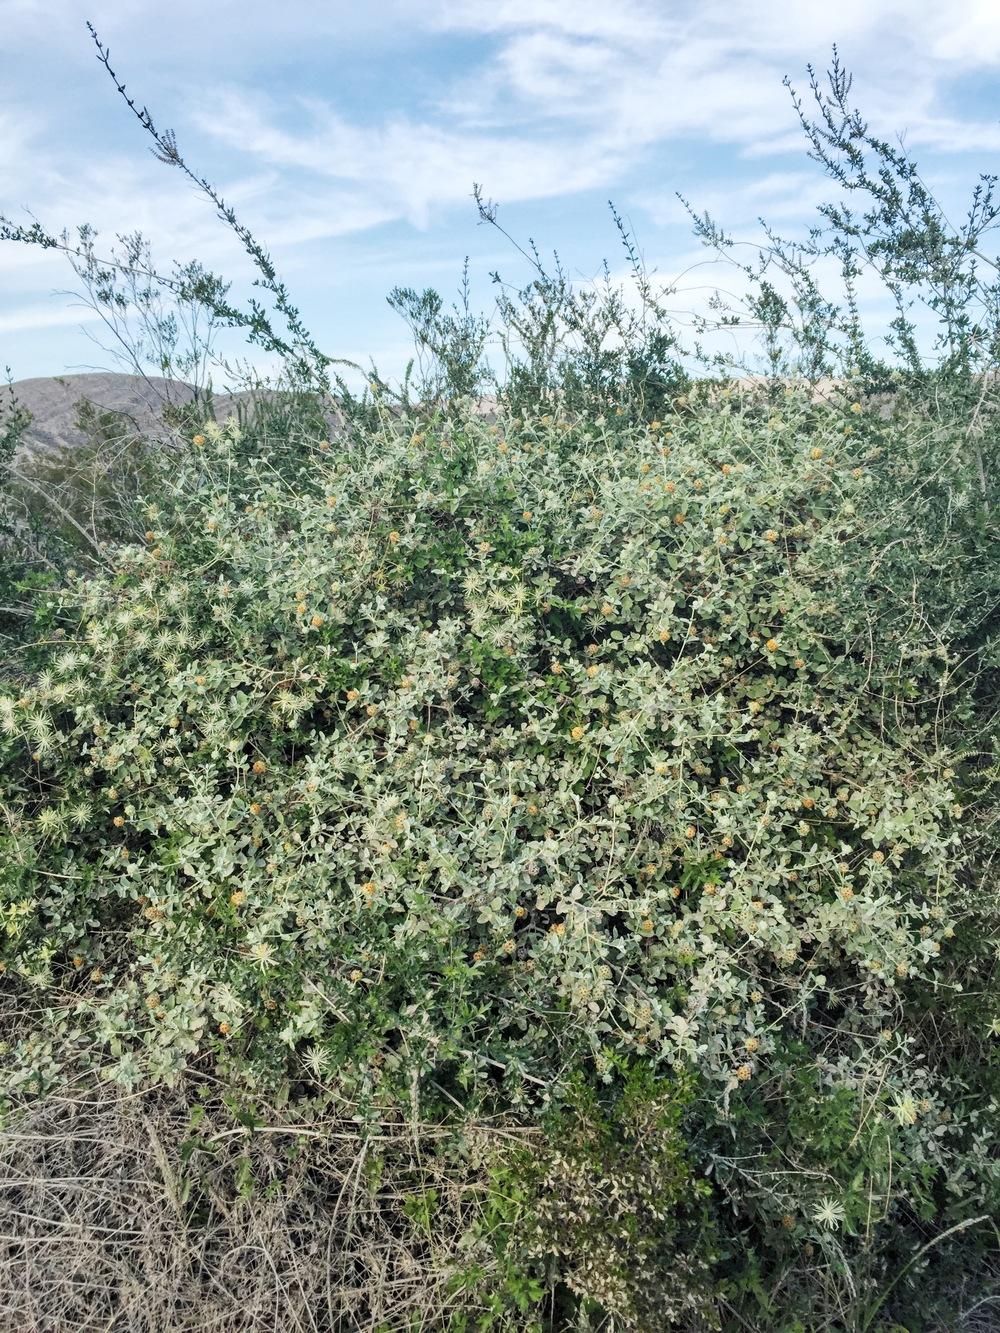 Buddleja marrubiifolia